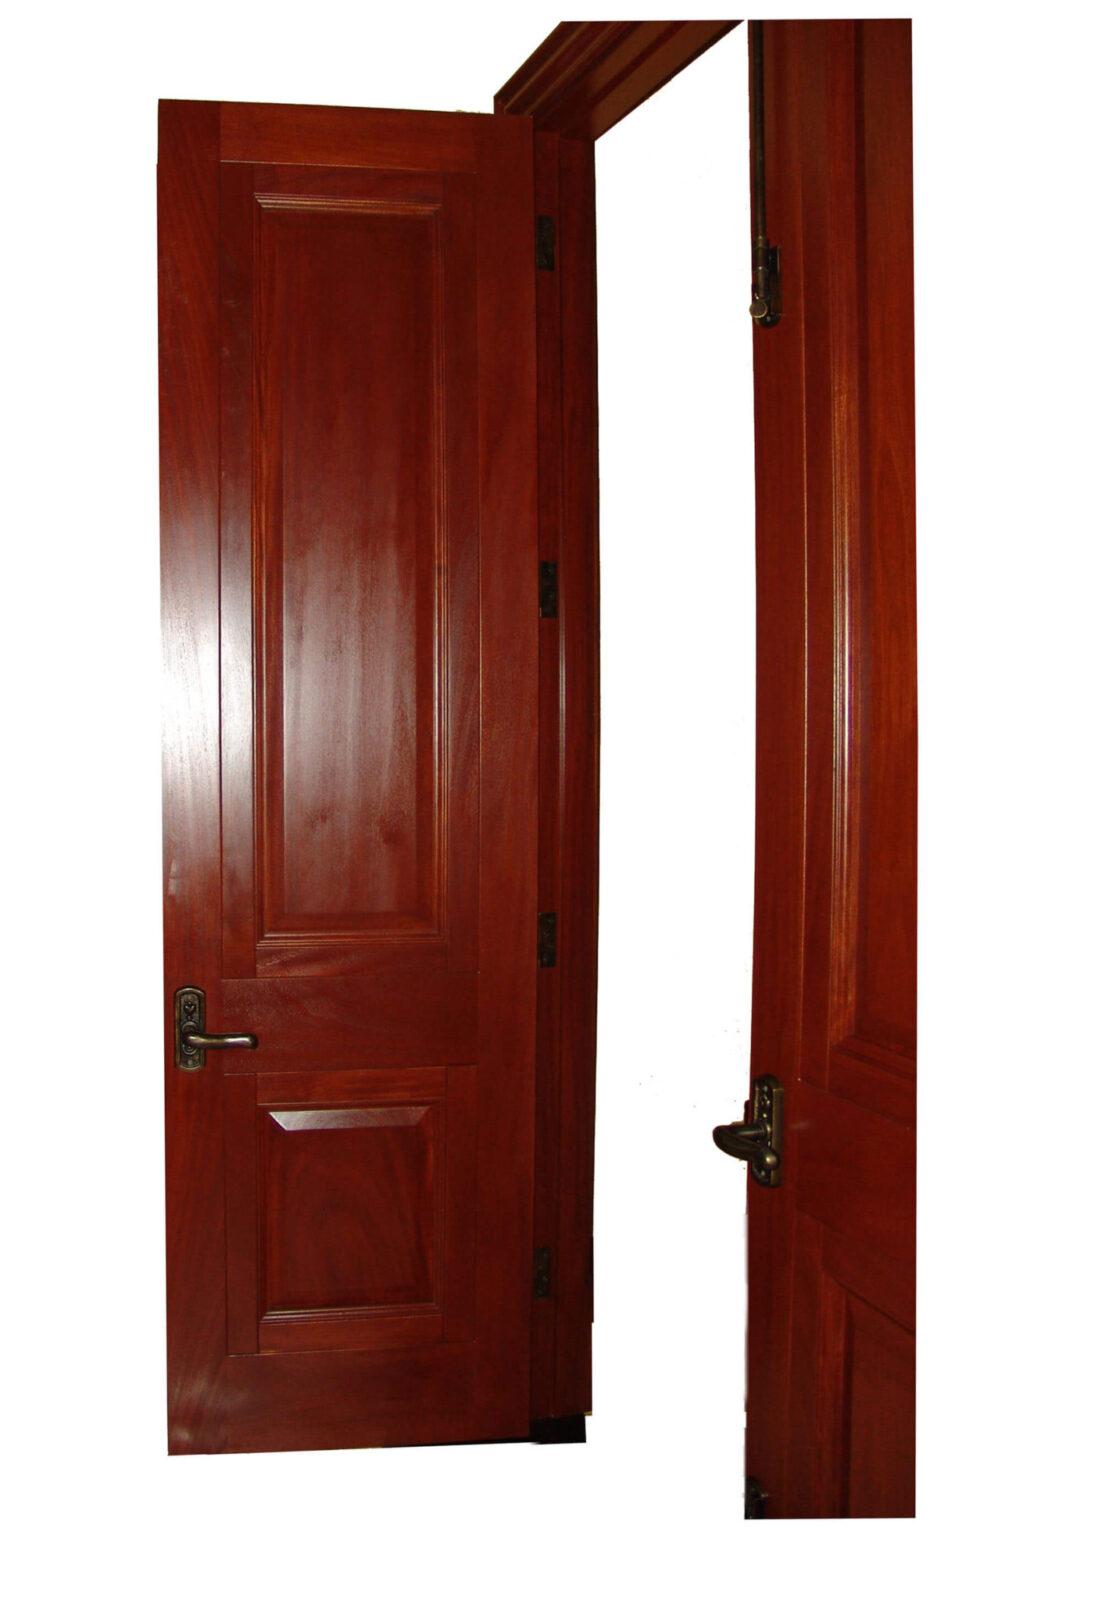 JUPITER MAHOGANY INTERIOR DOOR.